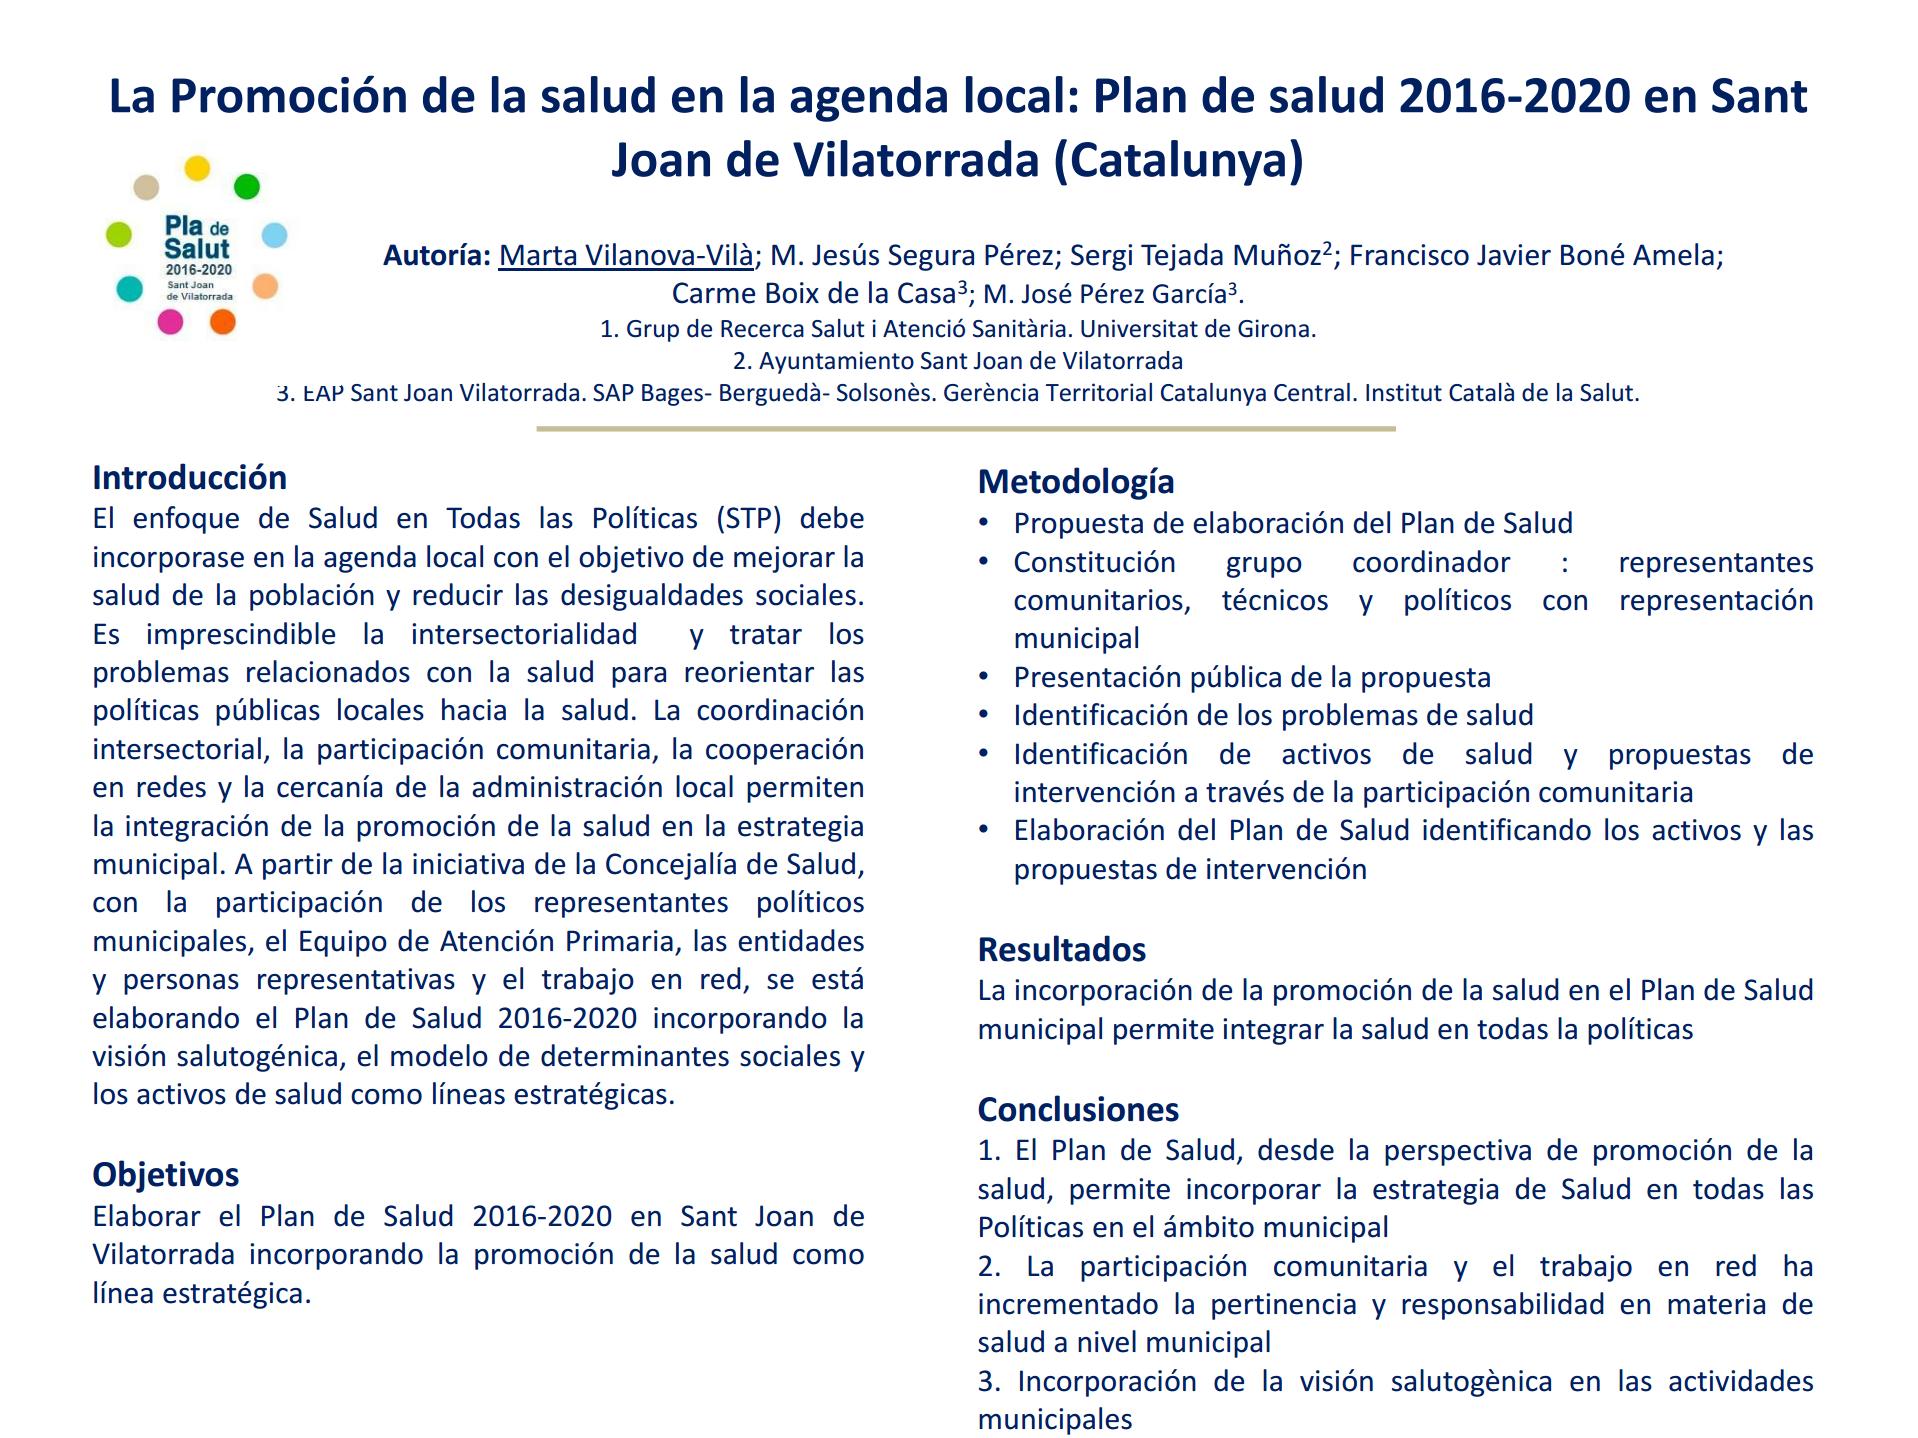 La Promoción de la salud en la agenda local: Plan de salud 2016-2020 en Sant Joan de Vilatorrada (Cataluña)